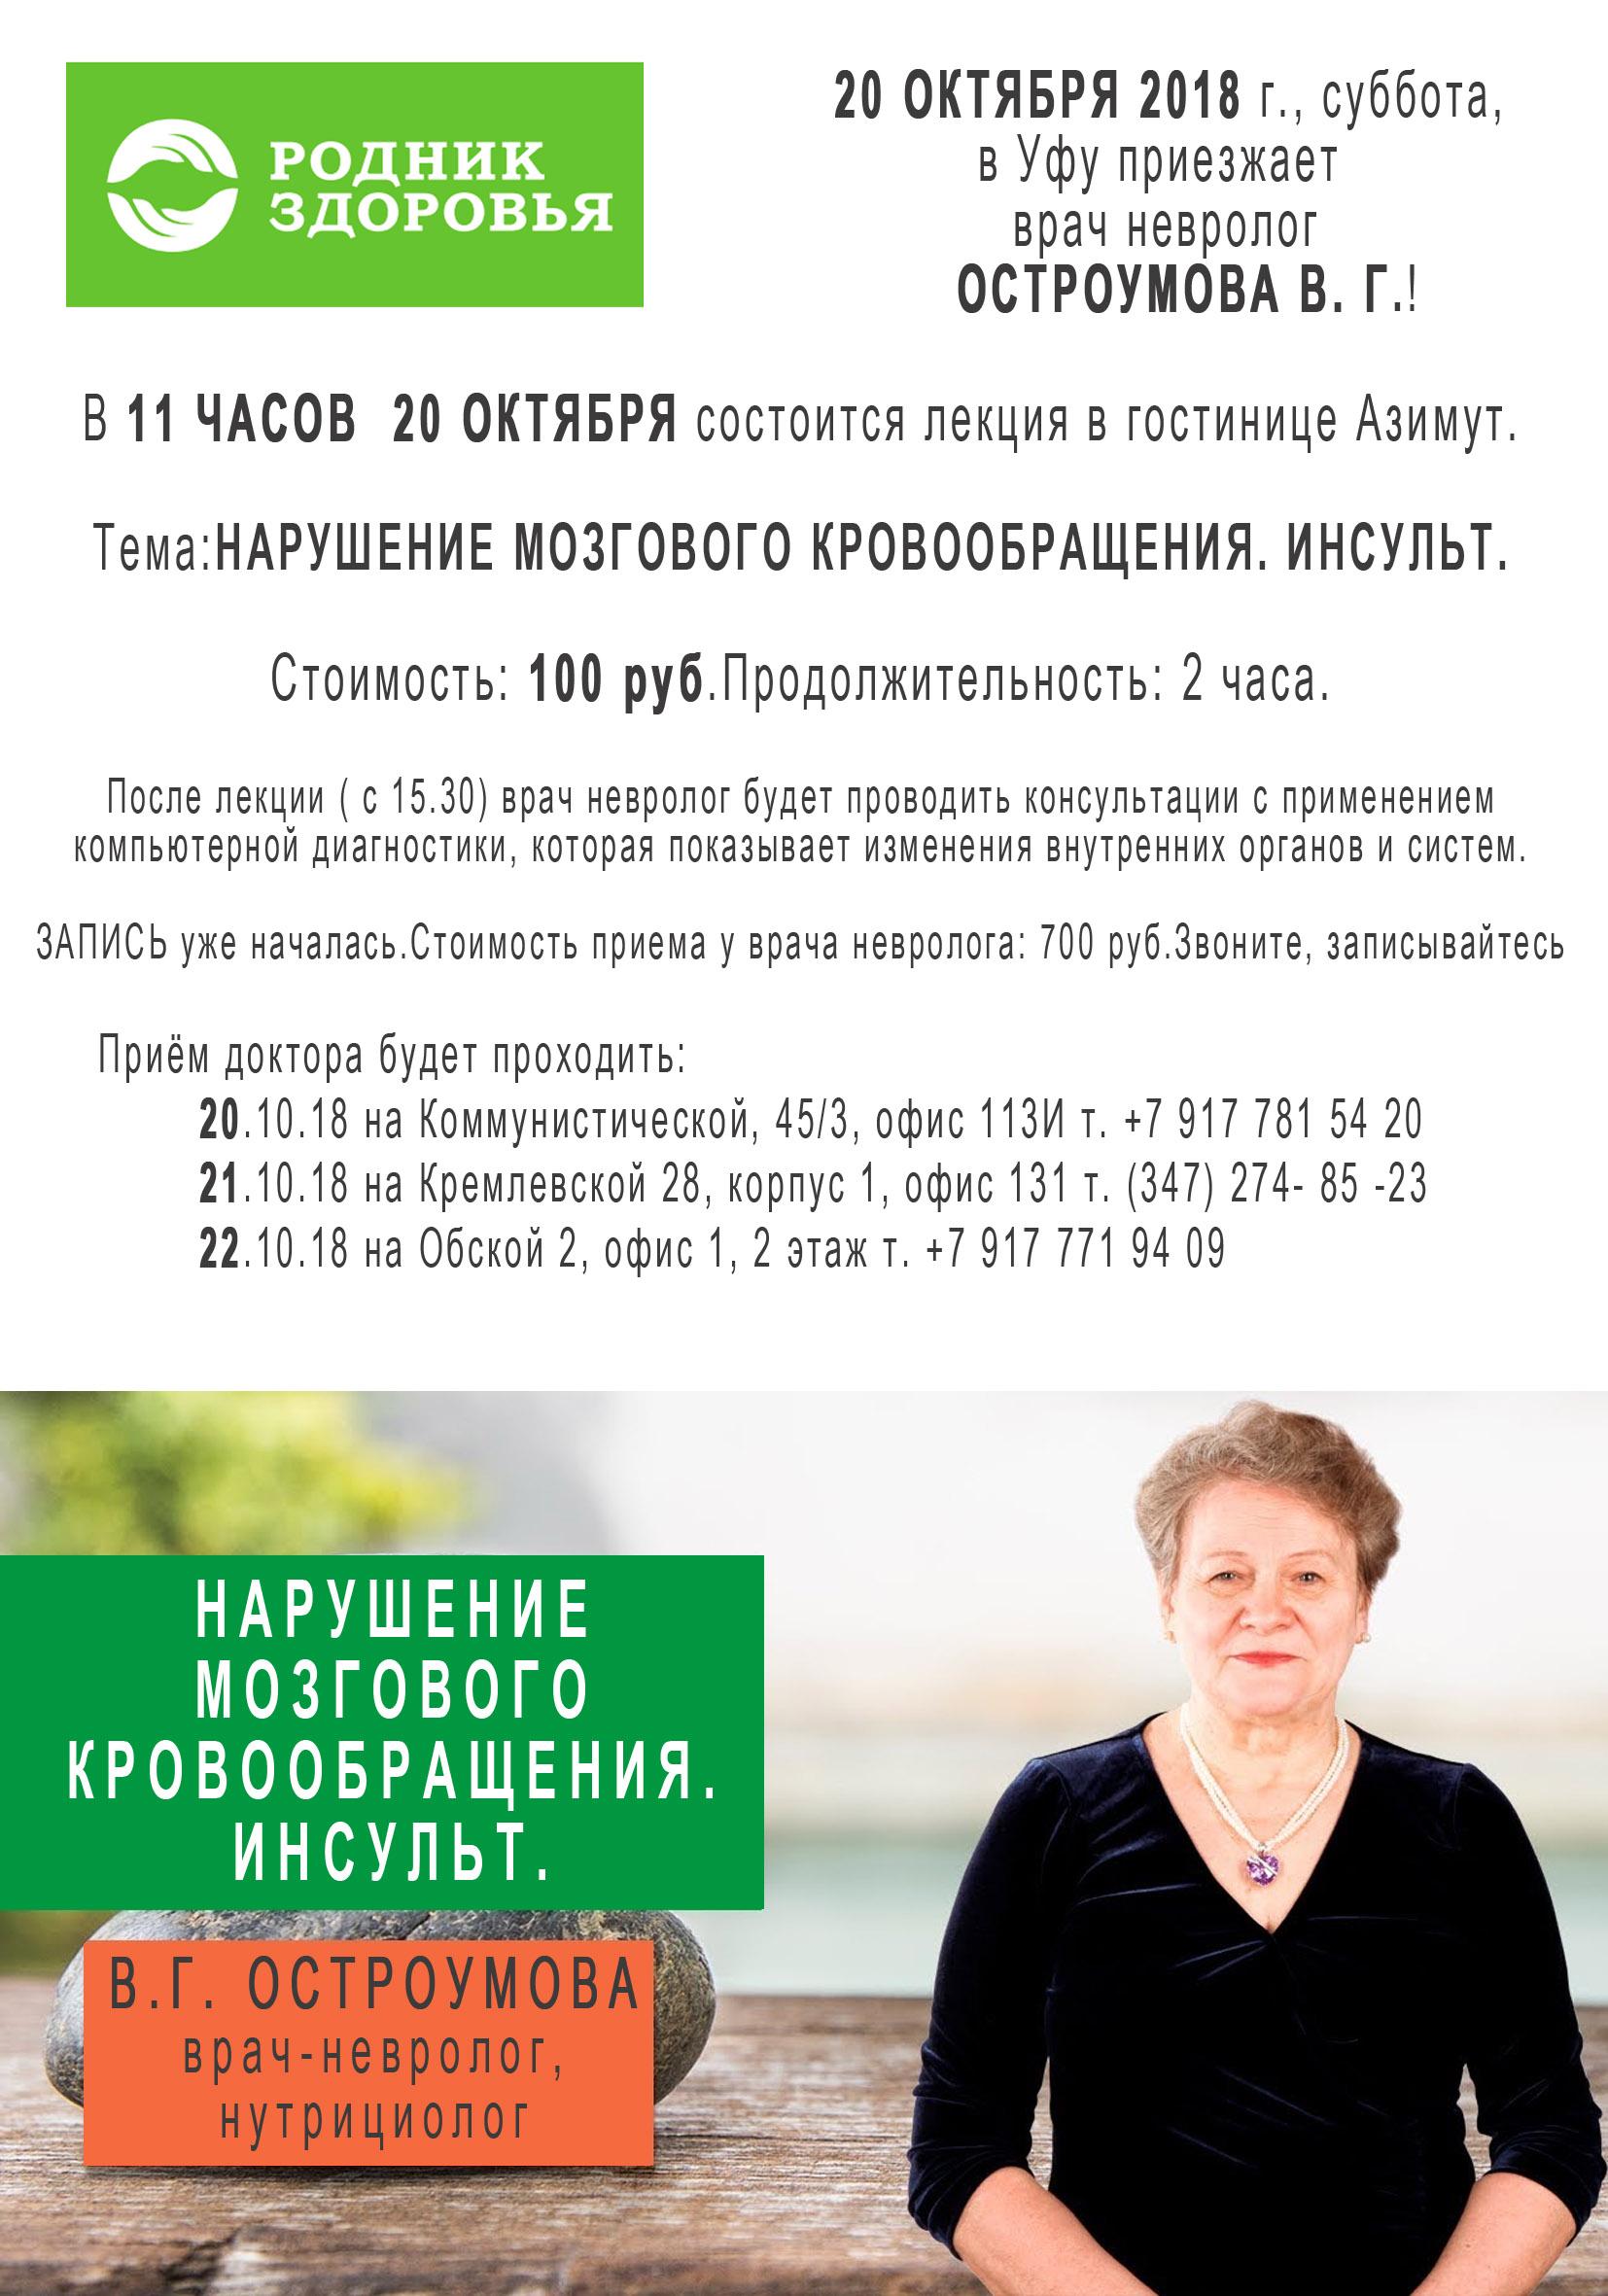 лекция Остроумова родник здоровья врач невролог Уфа.